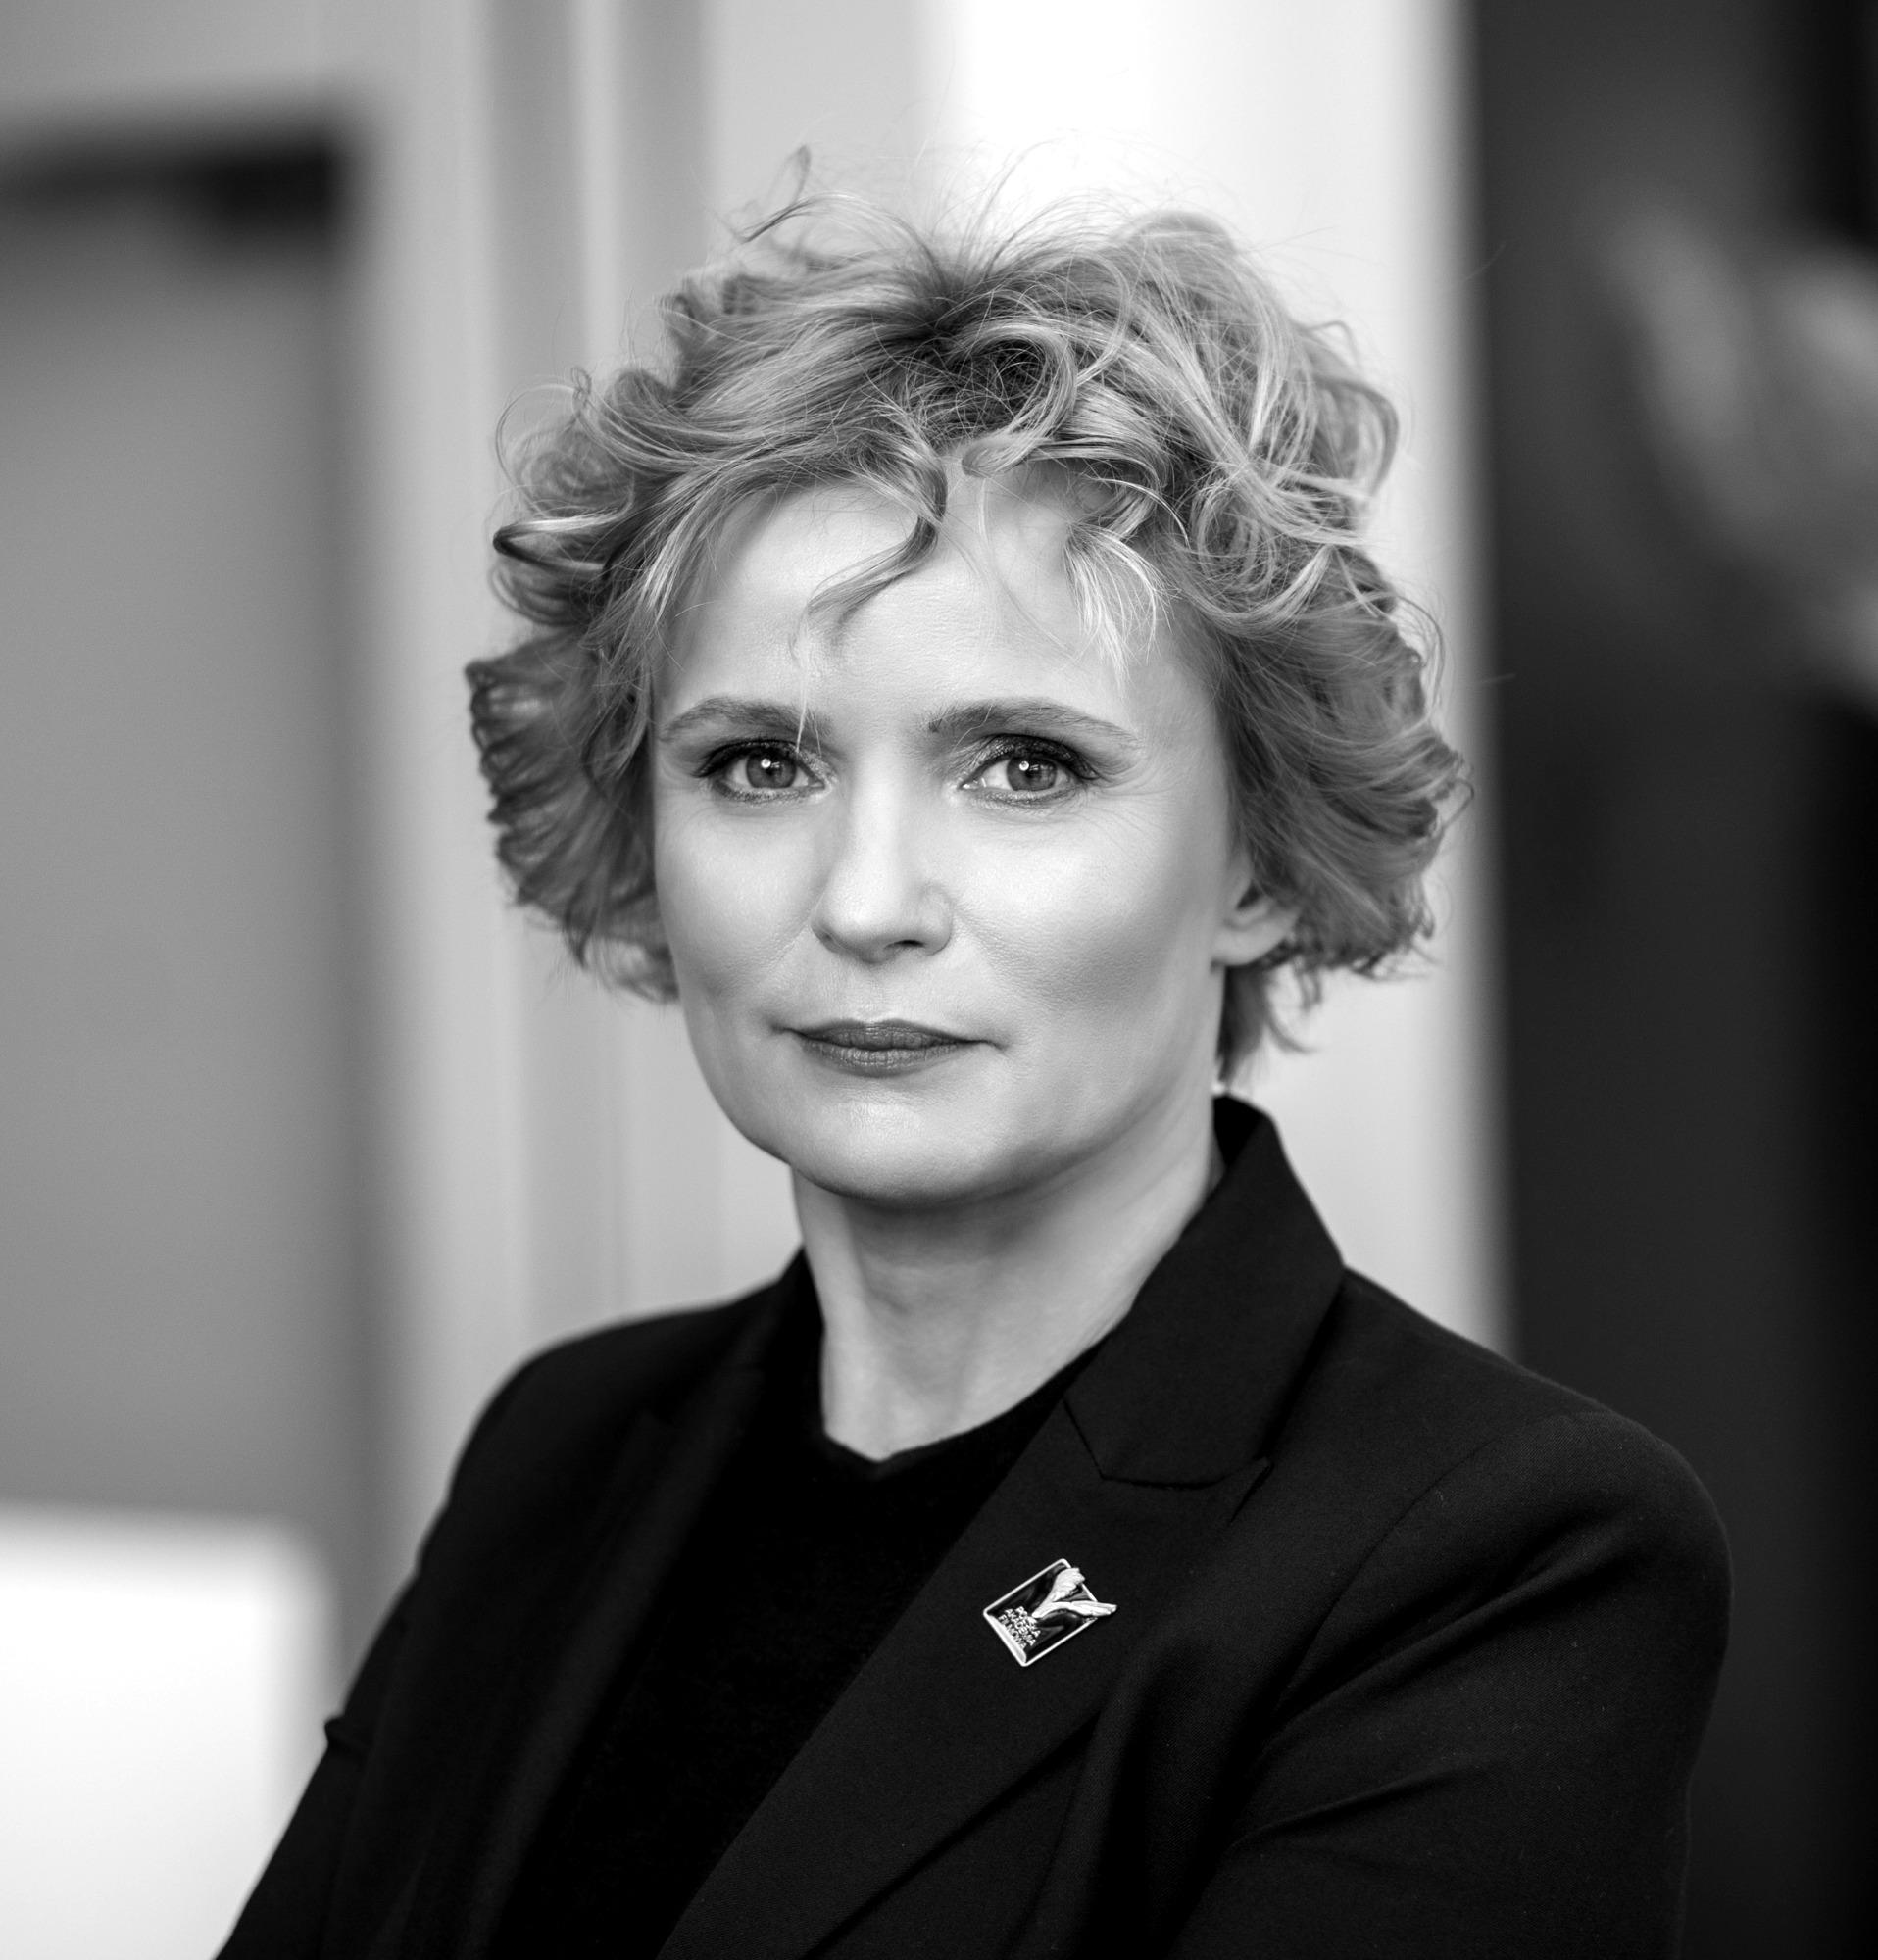 Izabela Wojcik